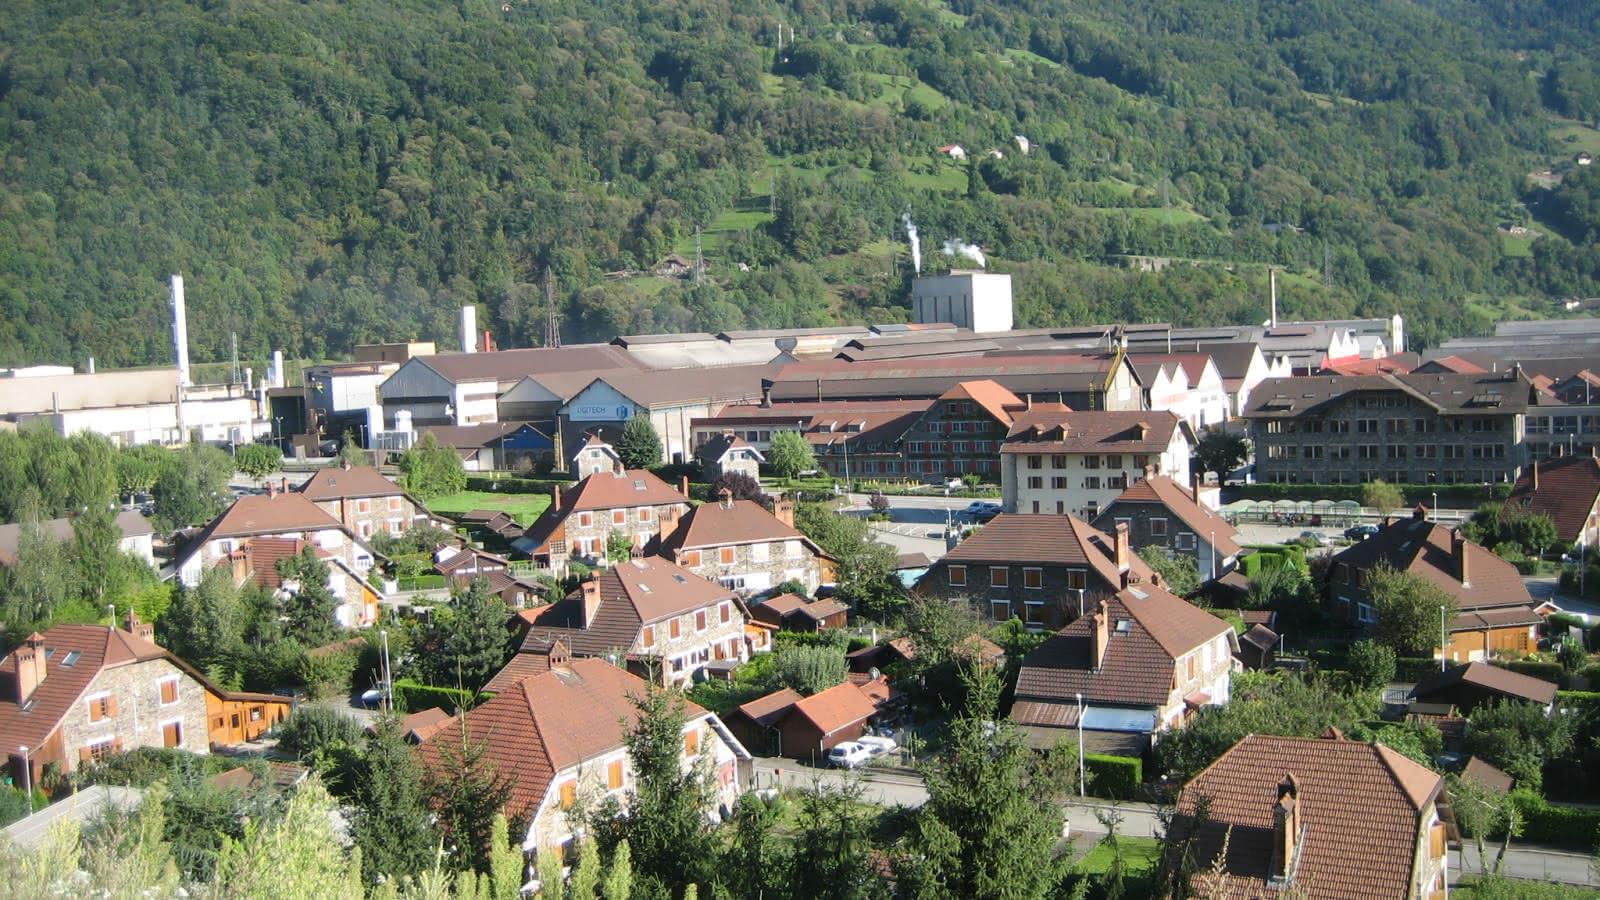 Vue du Nouveau Village - Robert Fournez